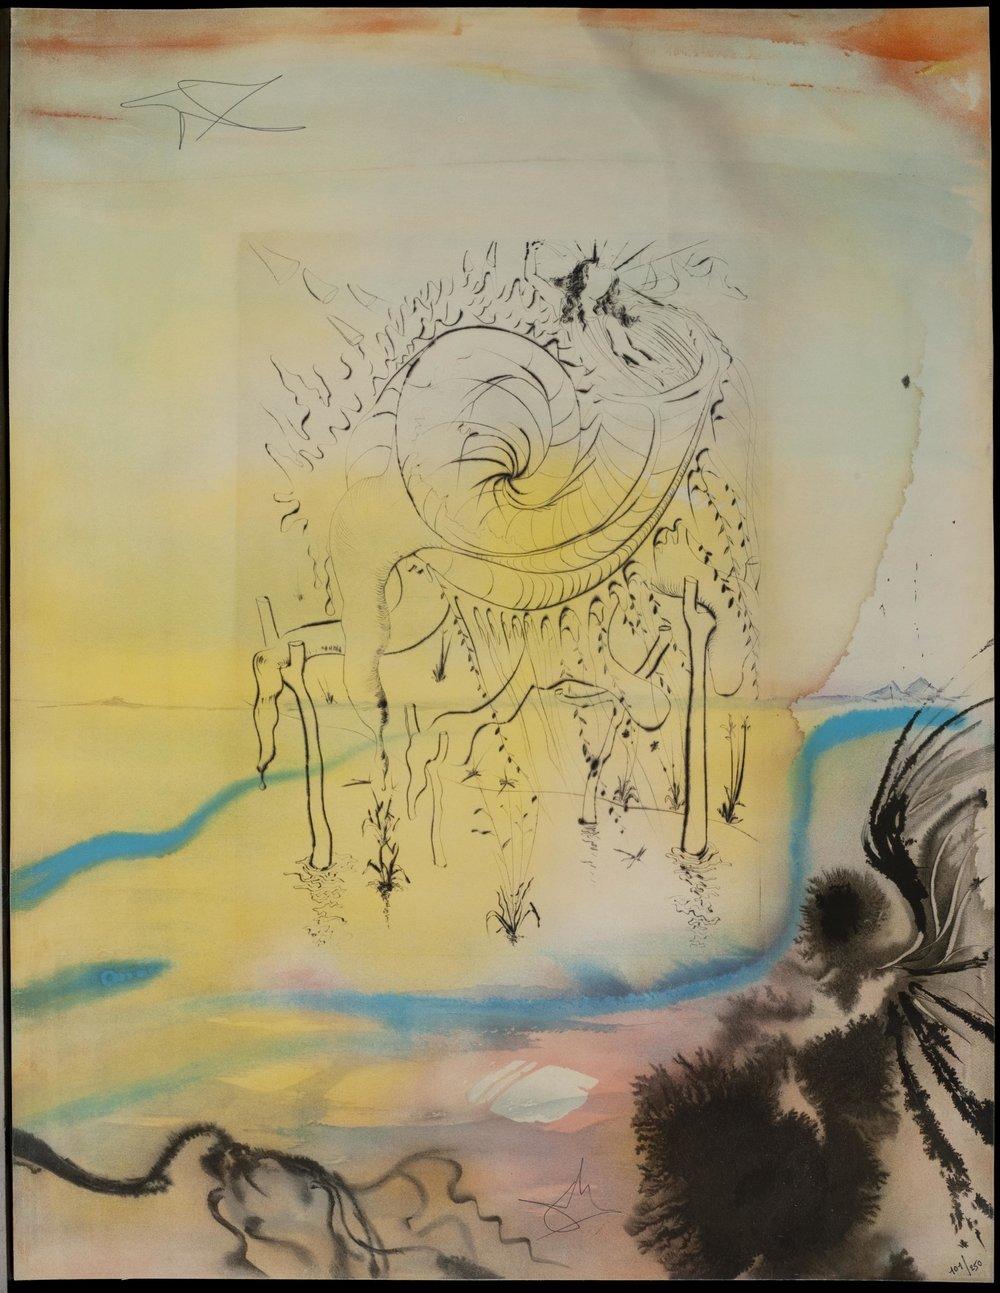 Moise sauvé des eaux , 1975 Lithograph on soft glove sheepskin 25 50/127h x 19 87/127w in  ©IAR Art Resources